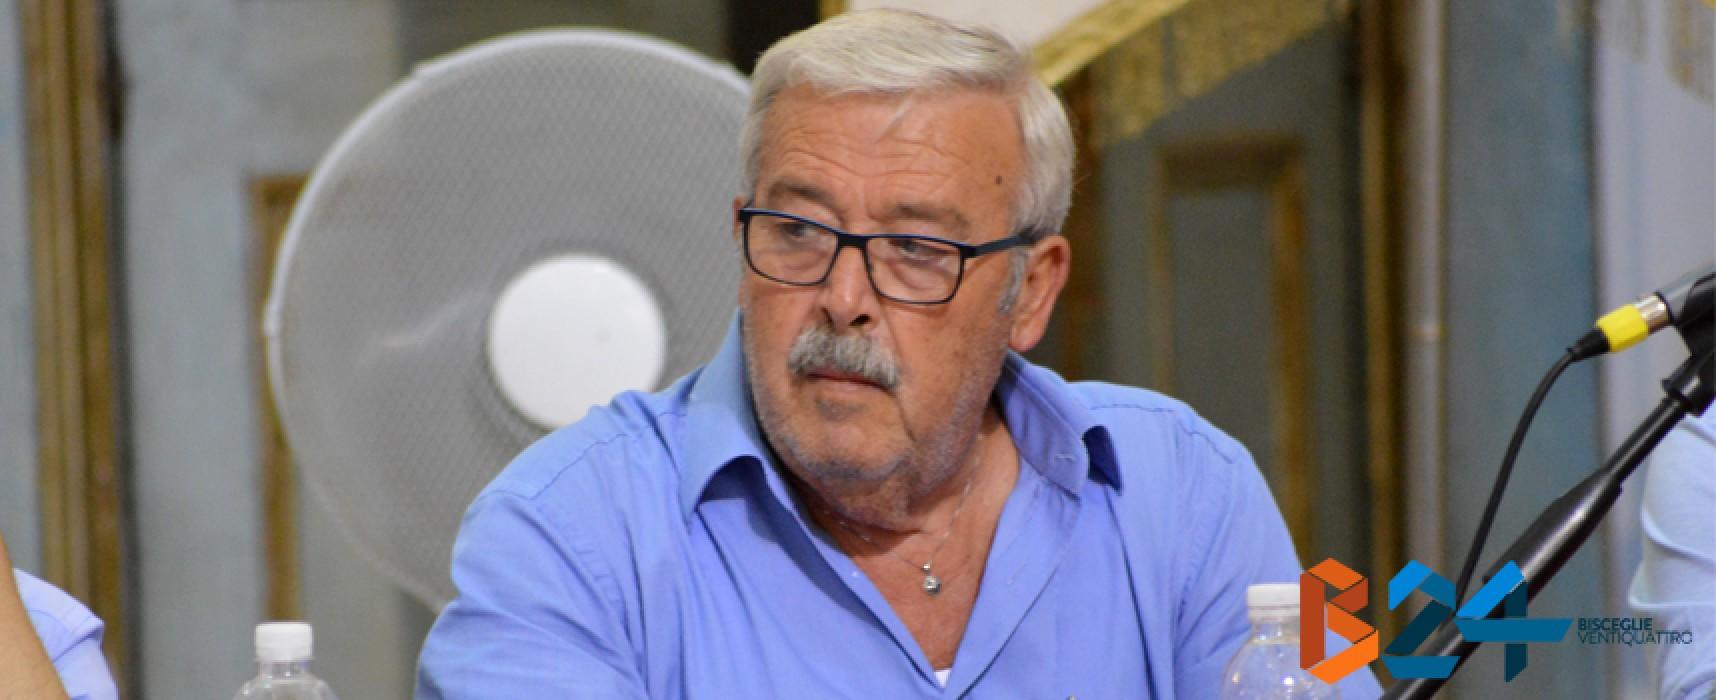 """""""Artigianando"""", Valente replica a Casella: """"Una sterile polemica politica"""""""